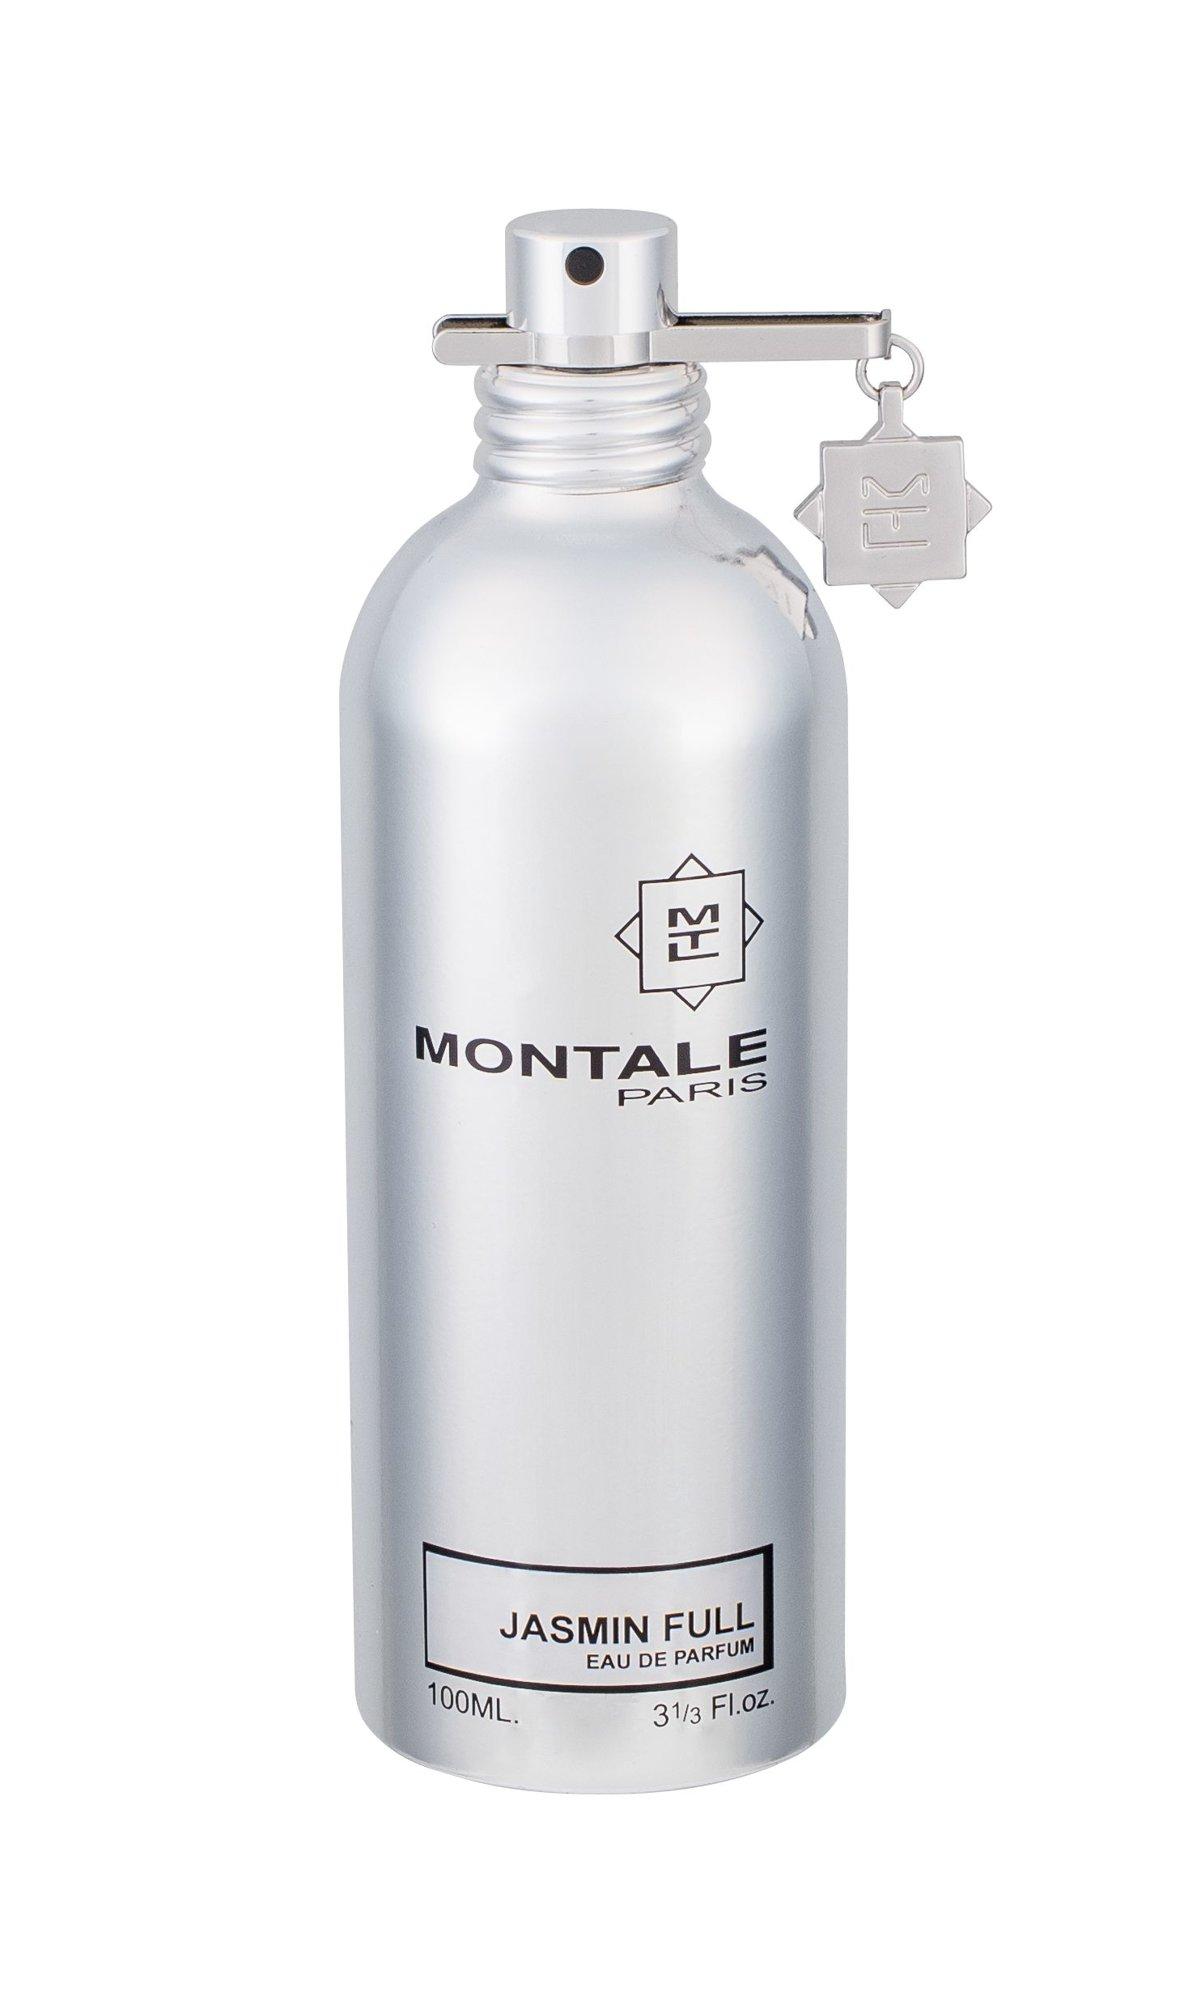 Montale Paris Jasmin Full Eau de Parfum 100ml